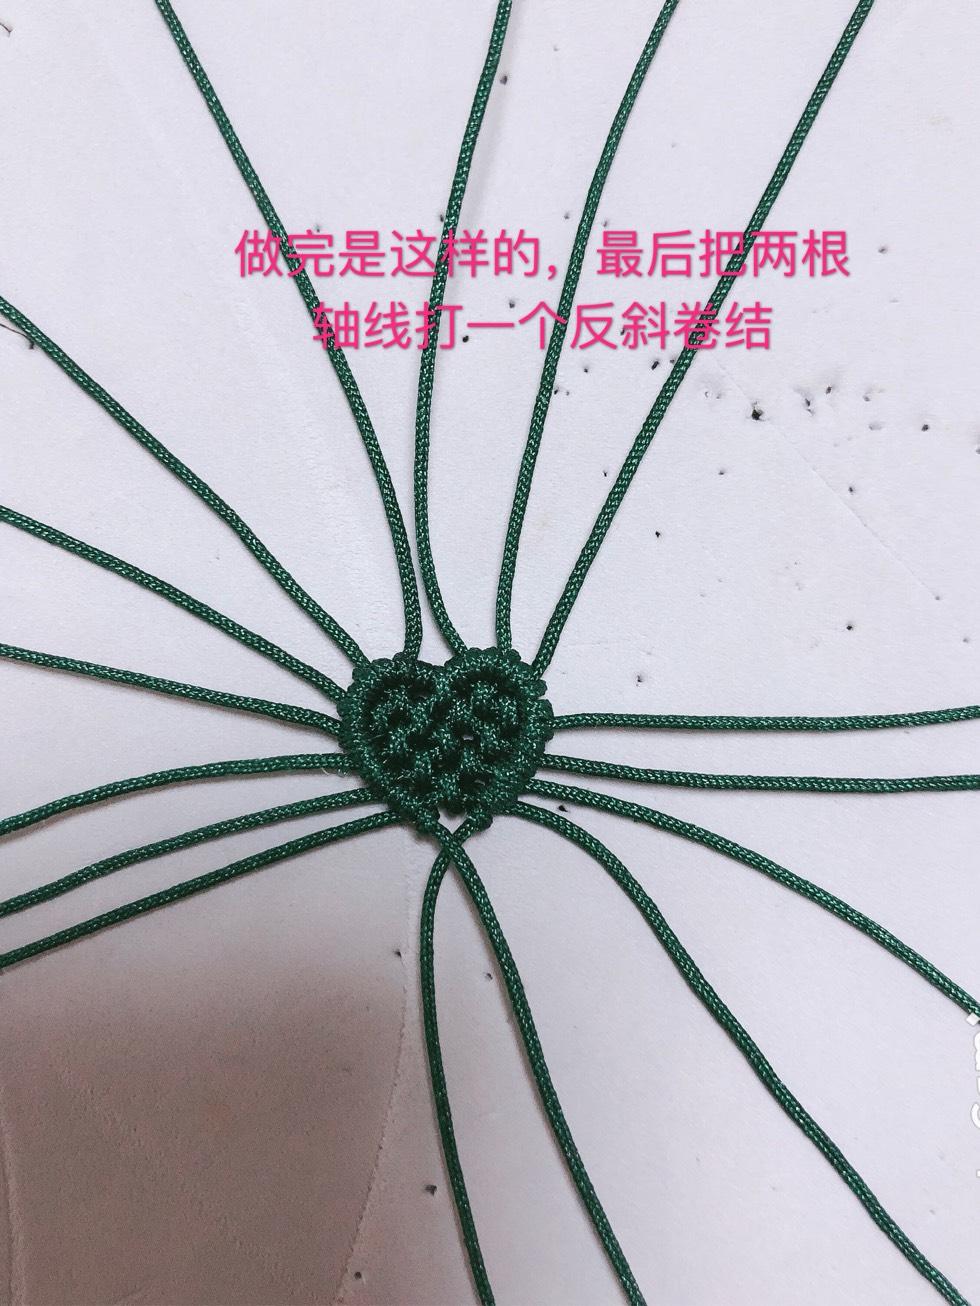 中国结论坛 心心相印手链(知否知否,应是绿肥红瘦)  图文教程区 091010cgeplec4lv7133be